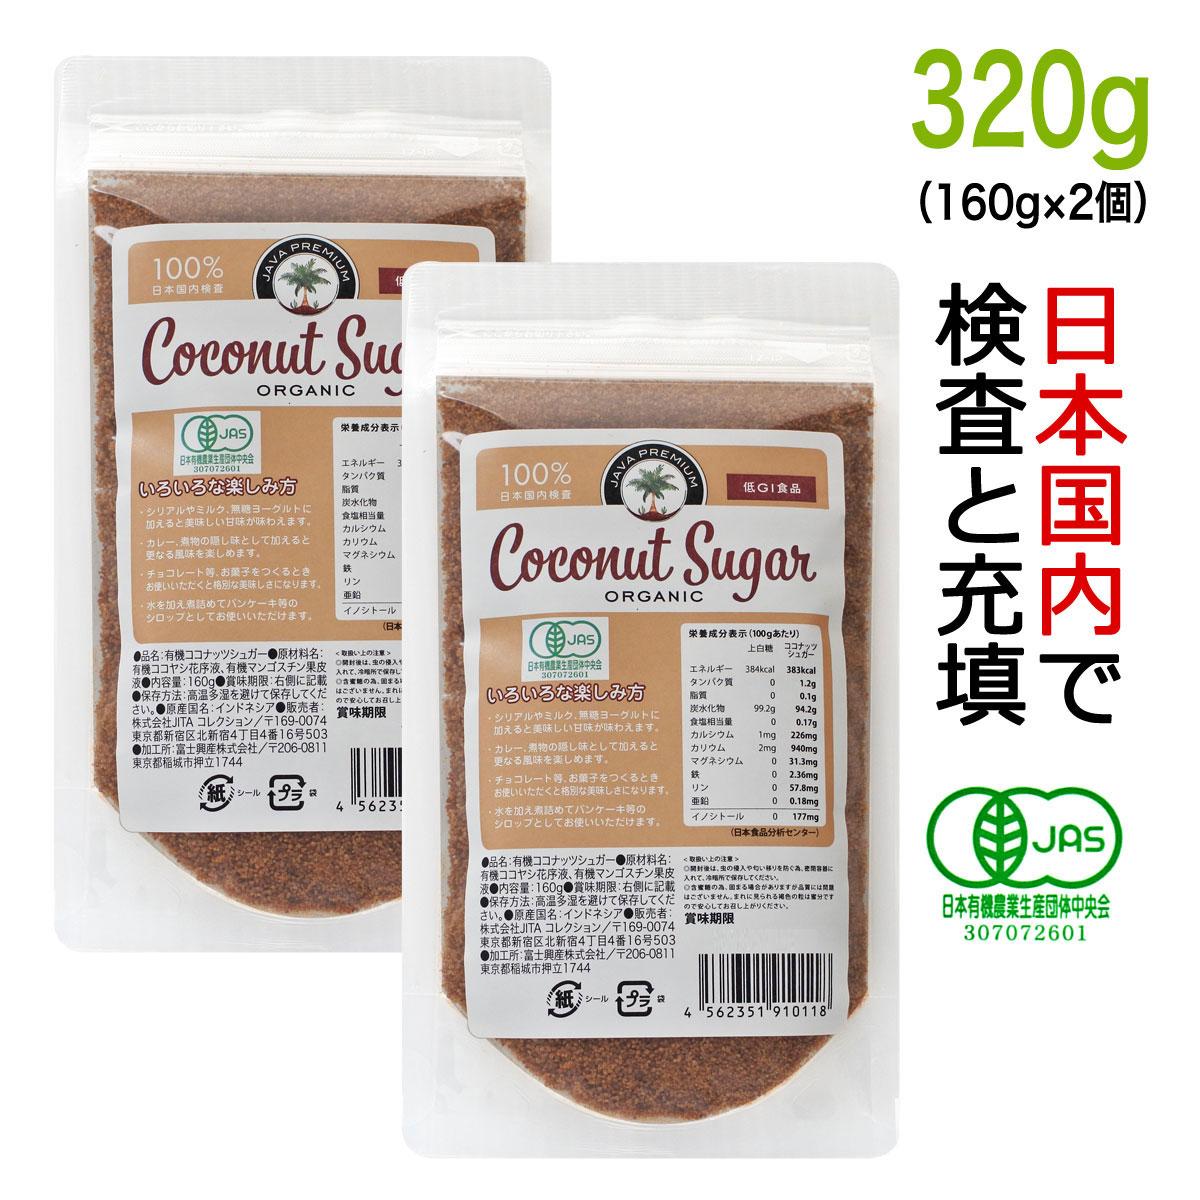 JITA existence machine coconut sugar low GI food 160 g *2 (320 g)